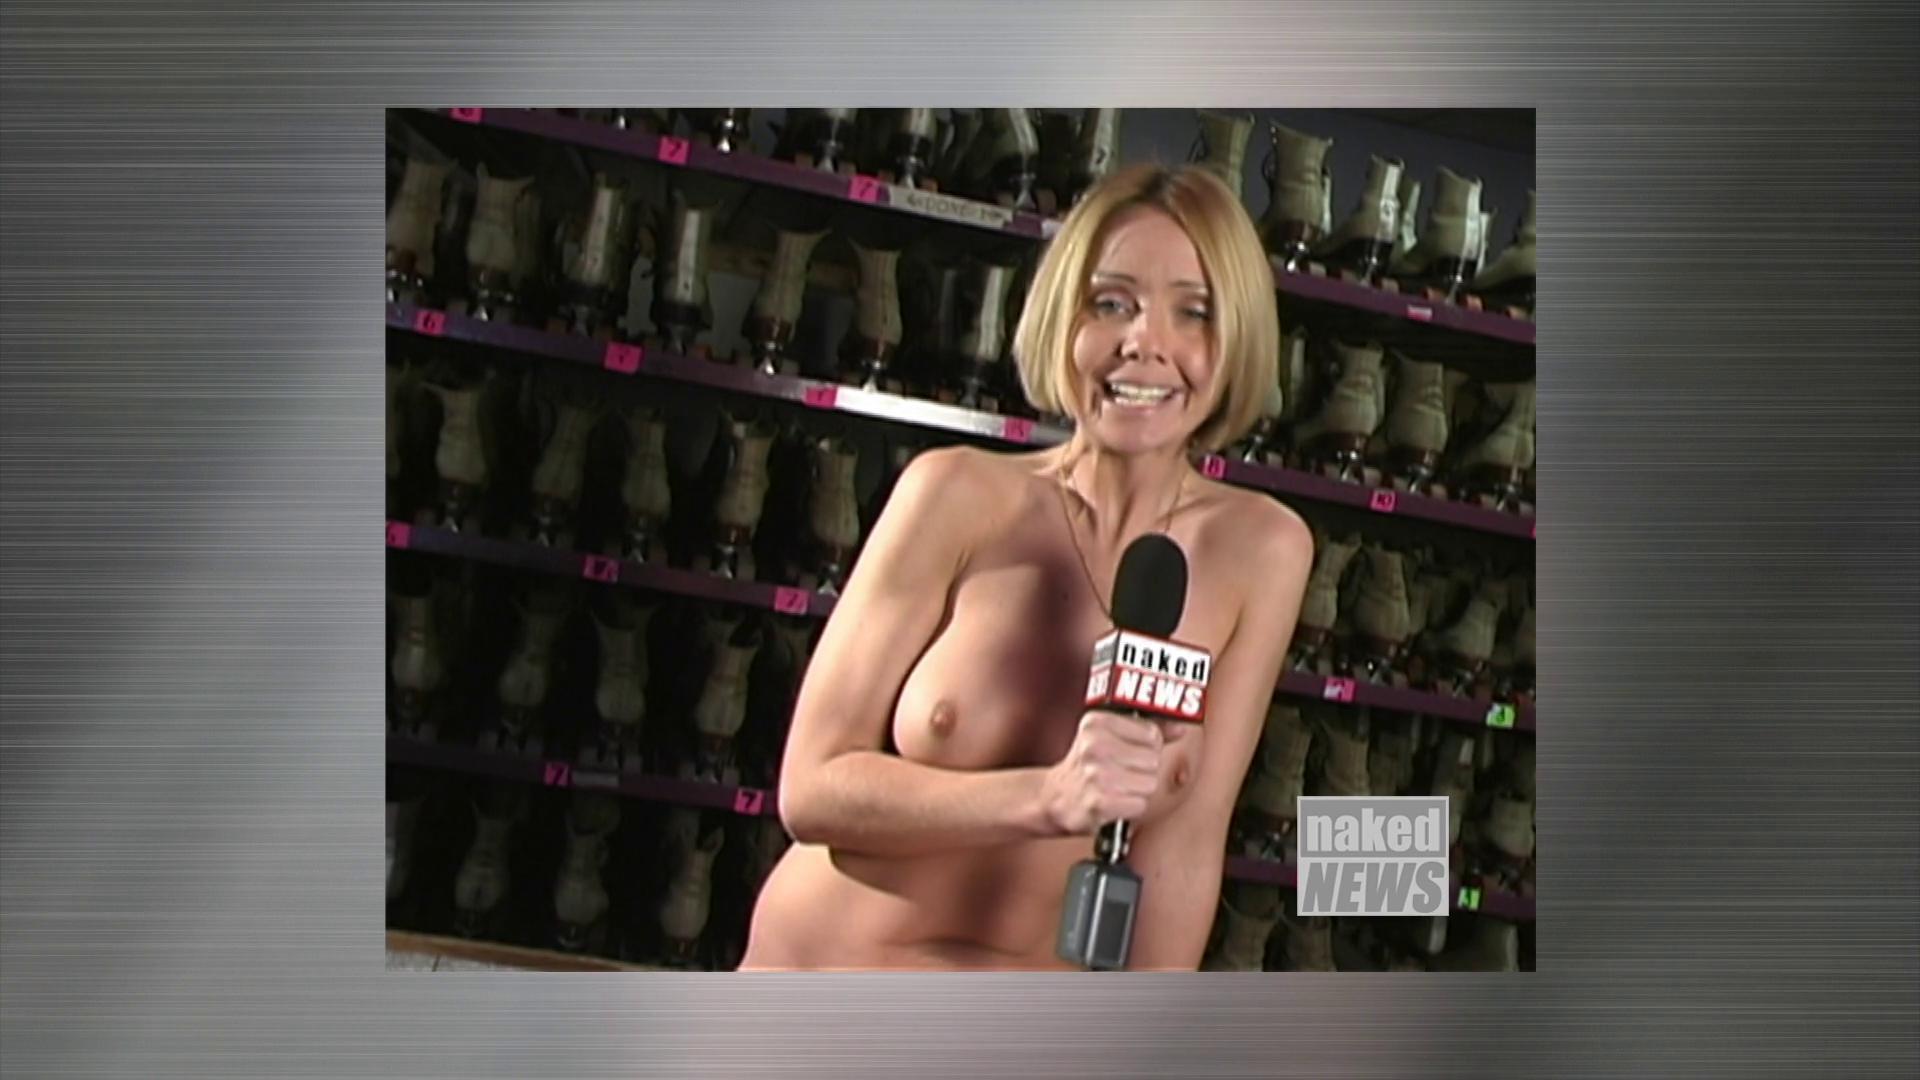 Holly weston nude